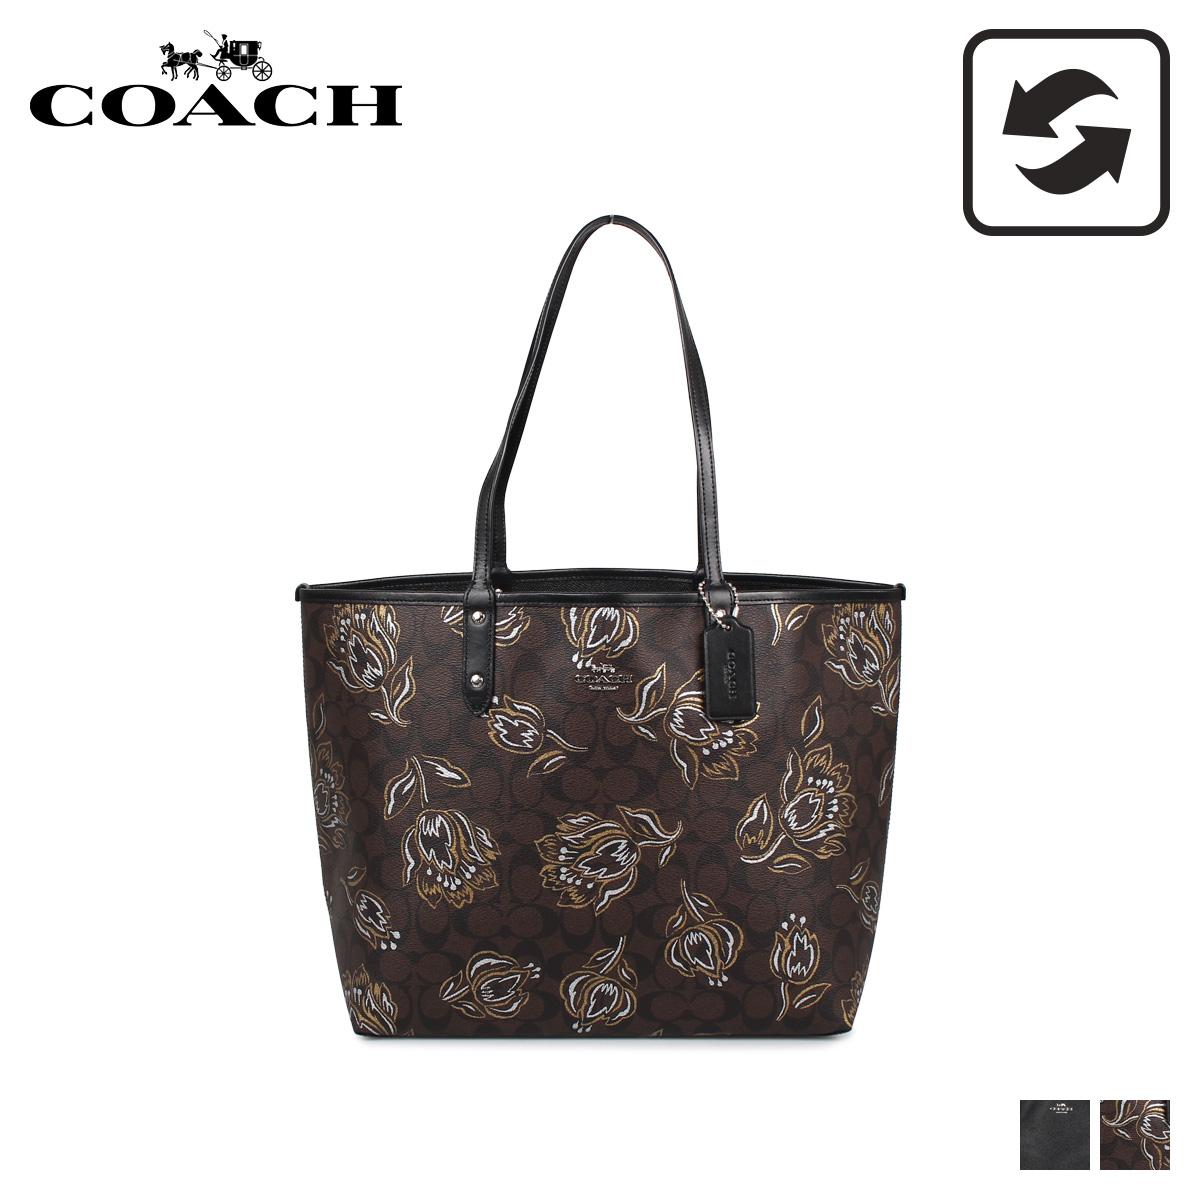 COACH F78282 コーチ バッグ トートバッグ レディース リバーシブル ブラック/ブラウン 黒